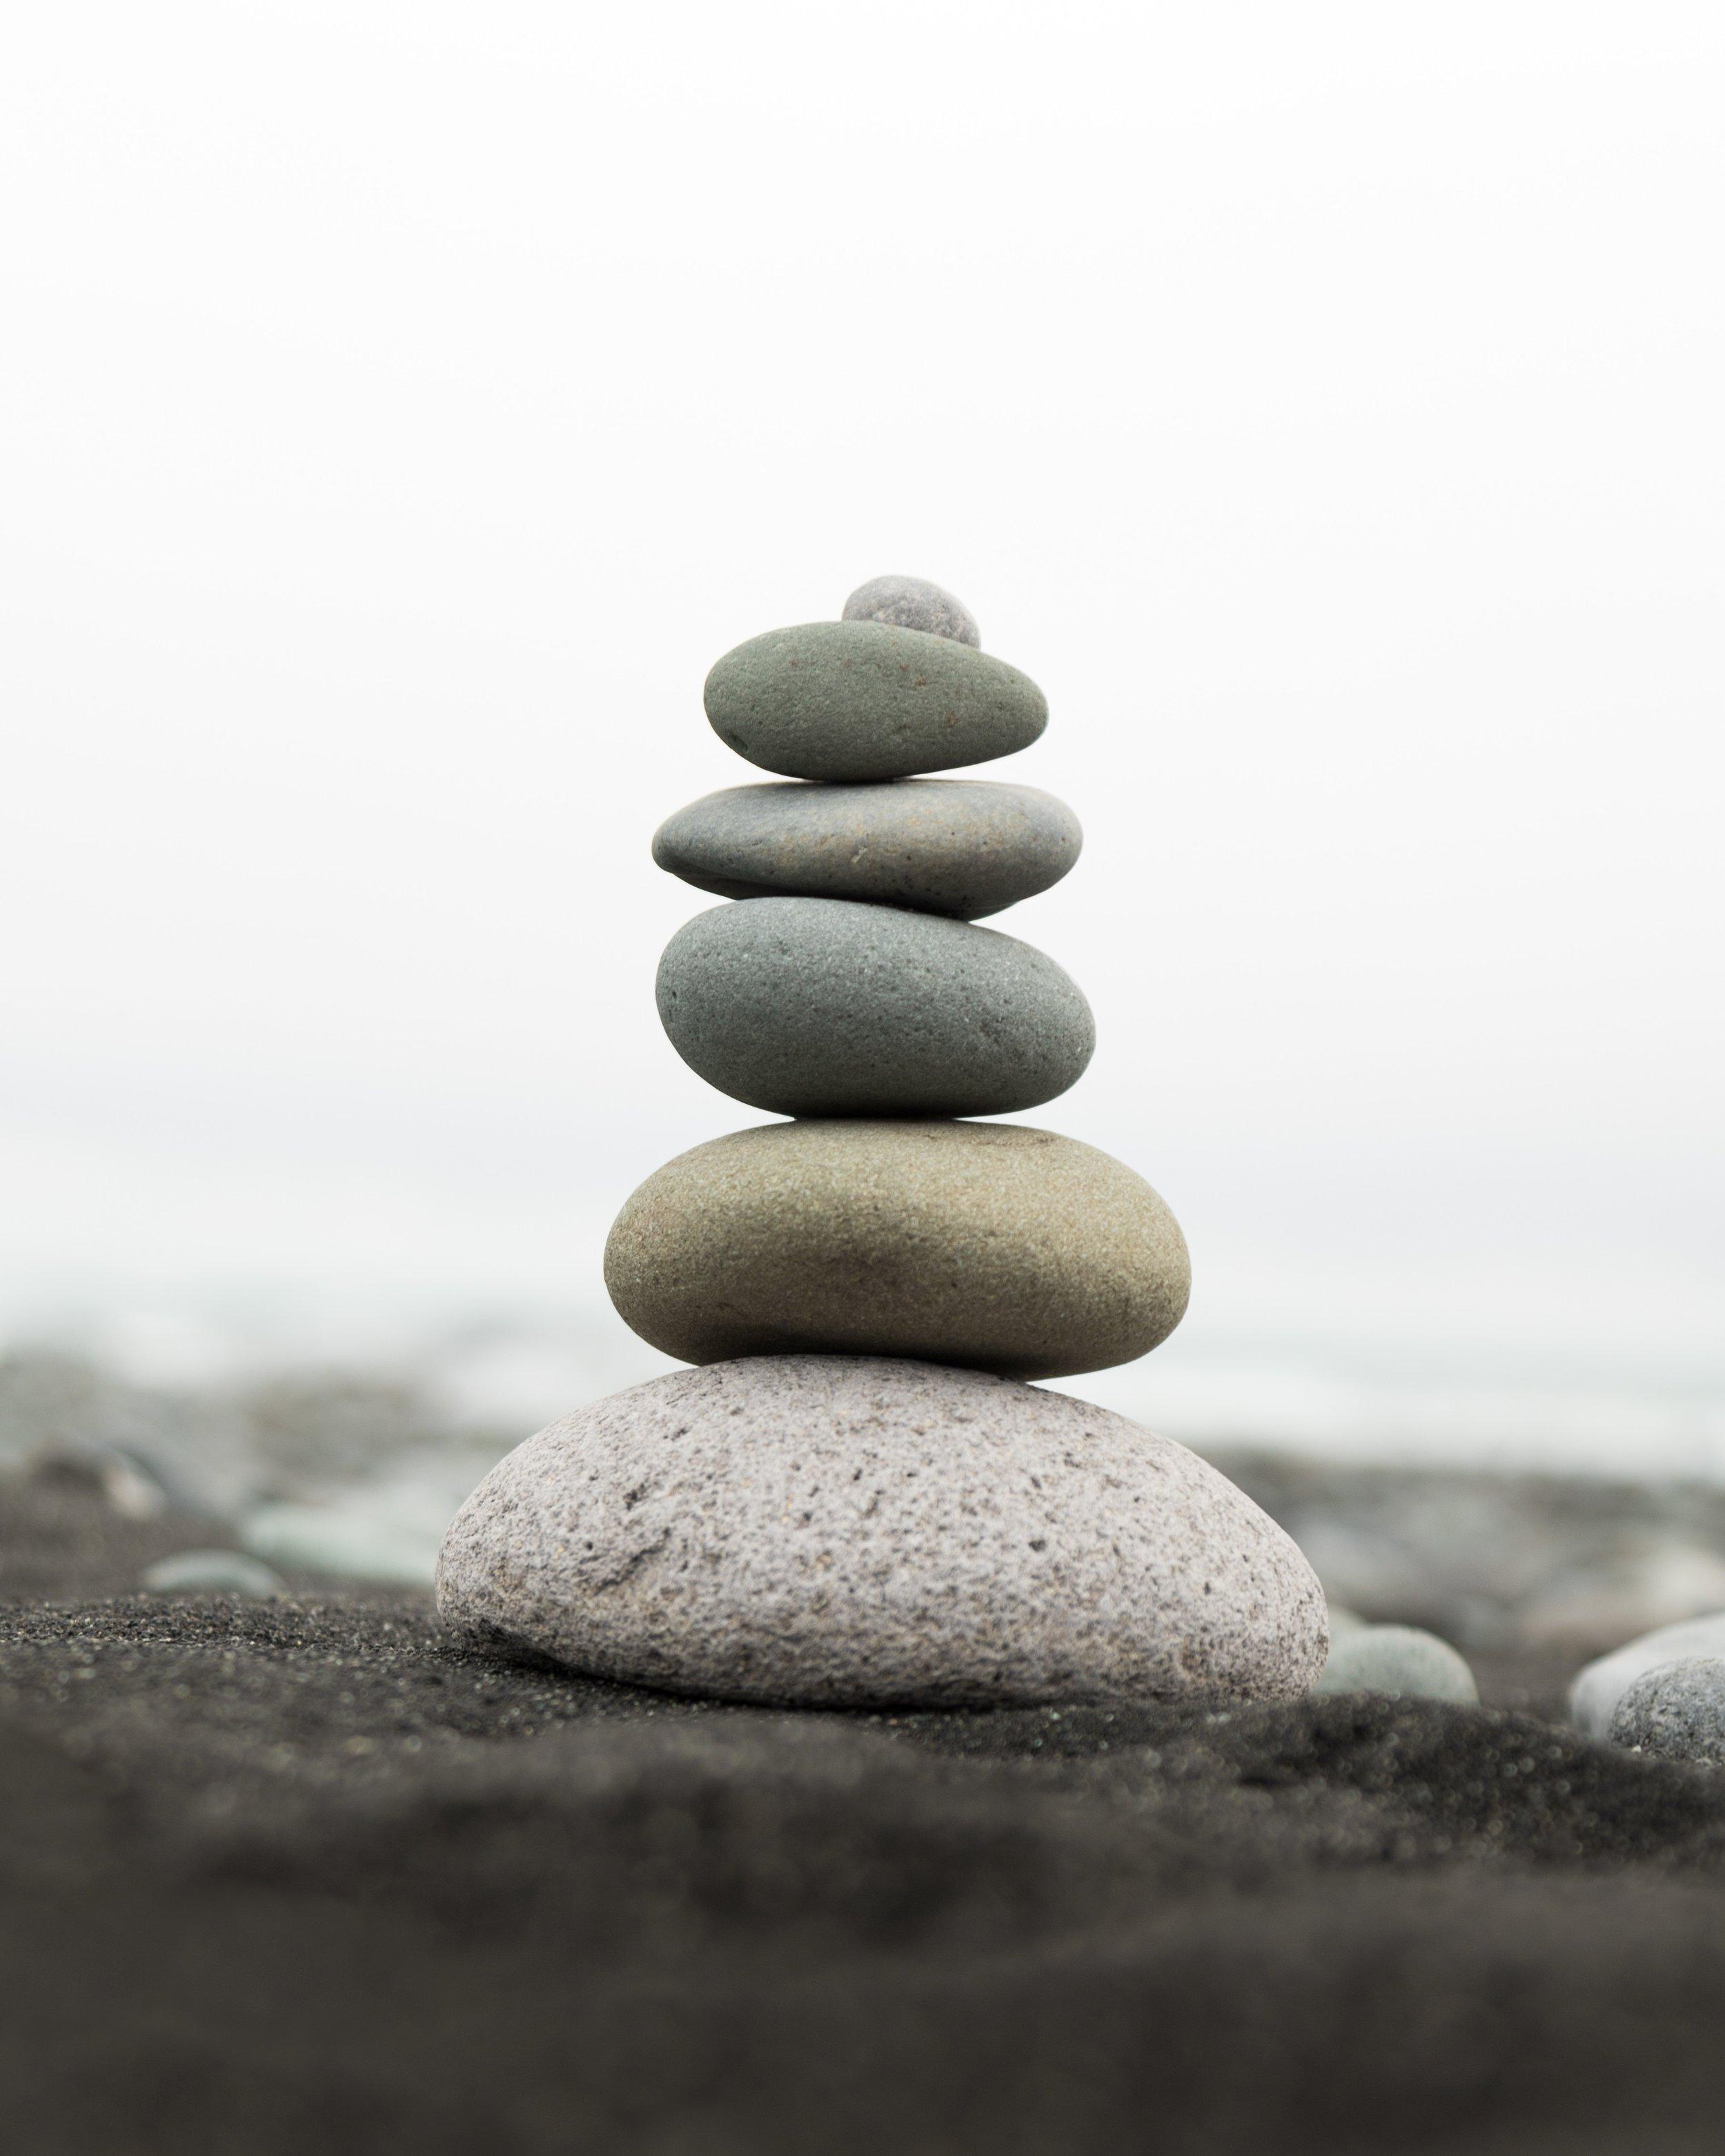 Feeling balanced